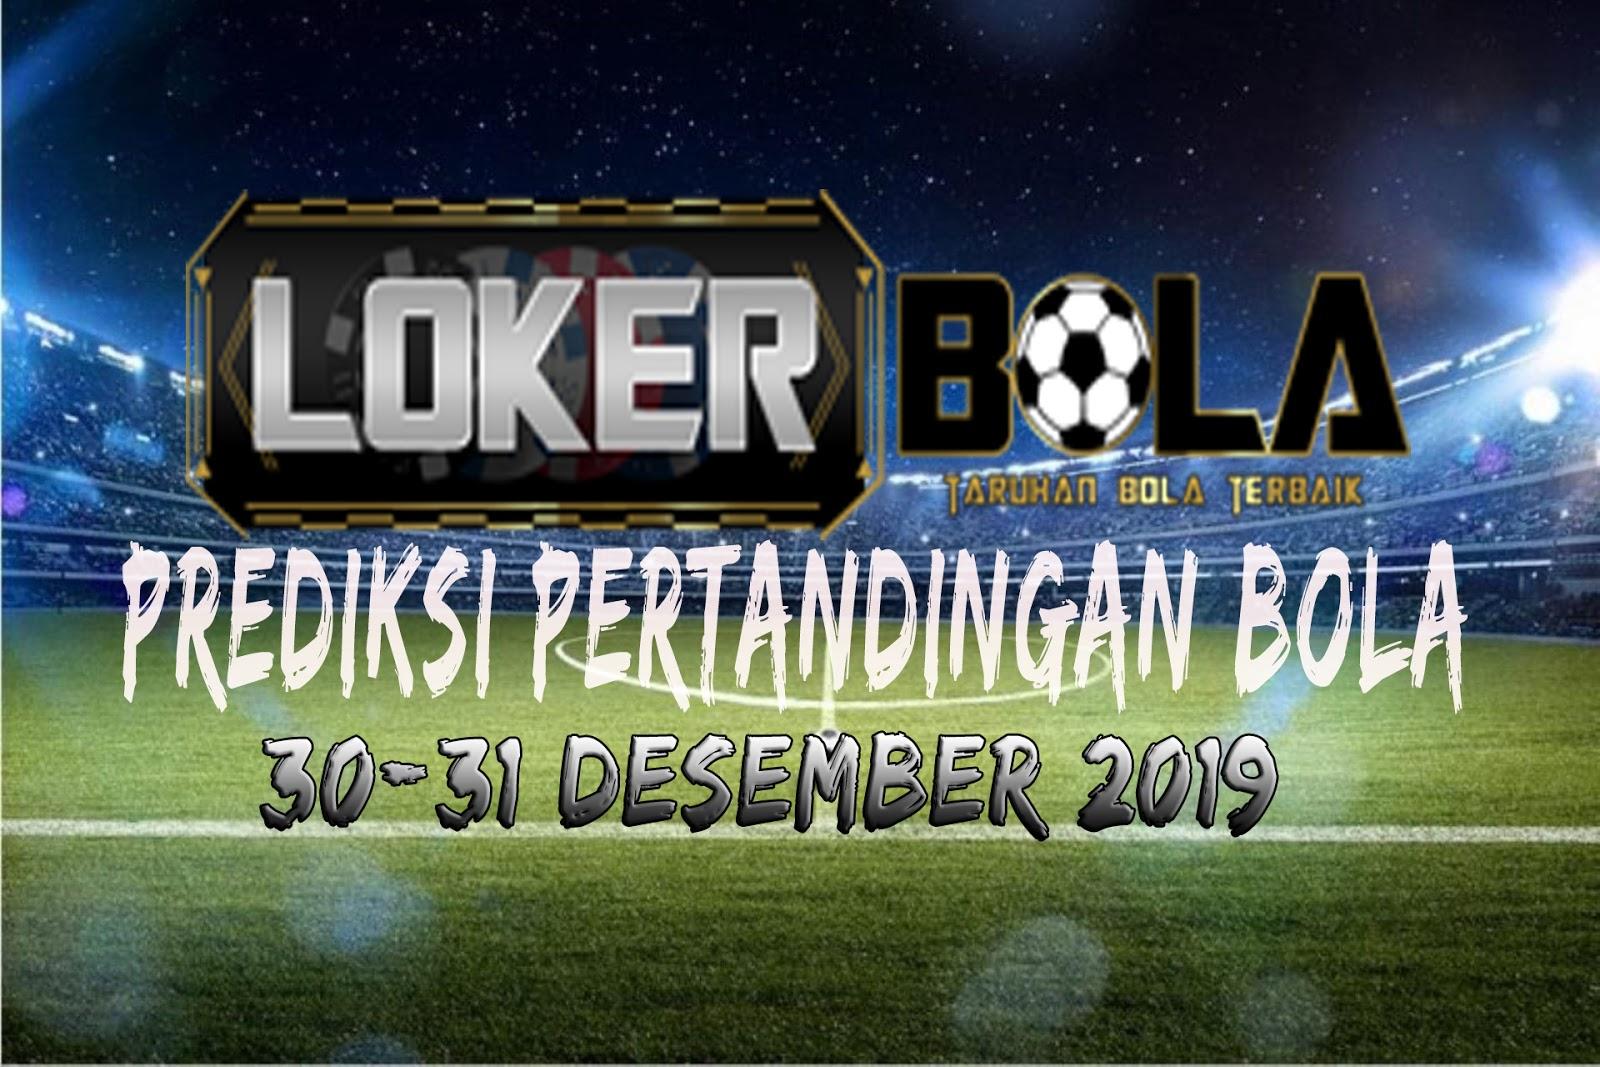 PREDIKSI PERTANDINGAN BOLA 30 – 31 DESEMBER 2019